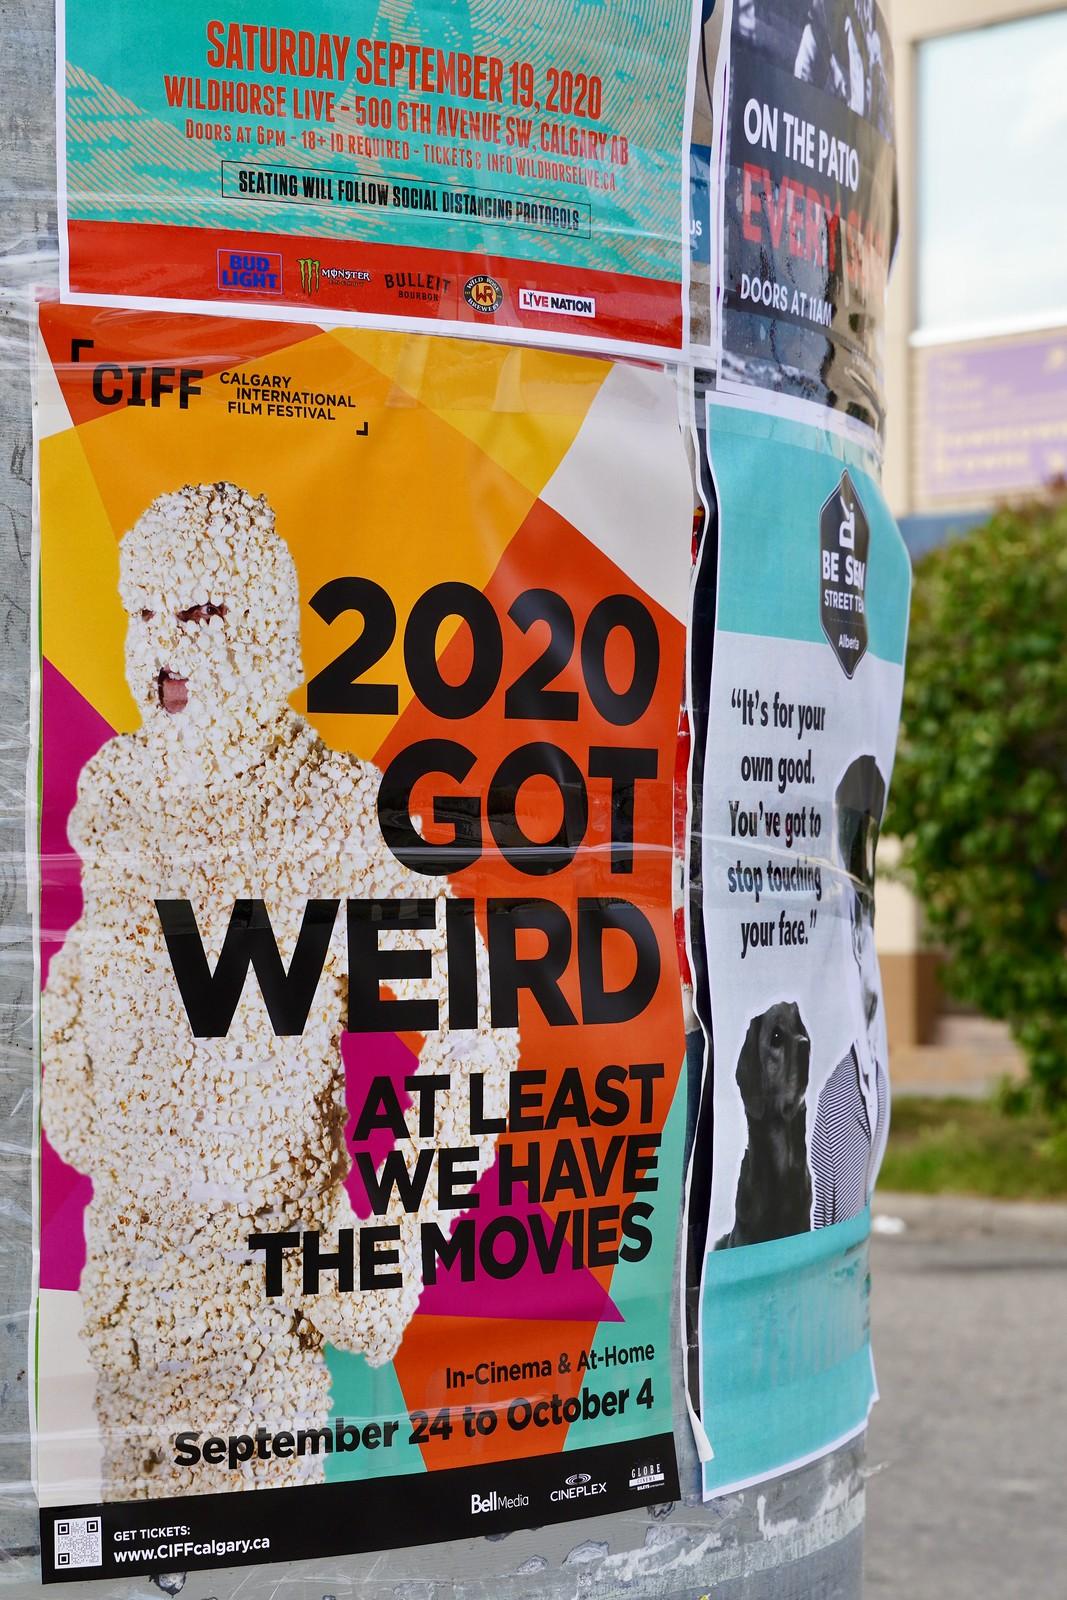 2020 got weird